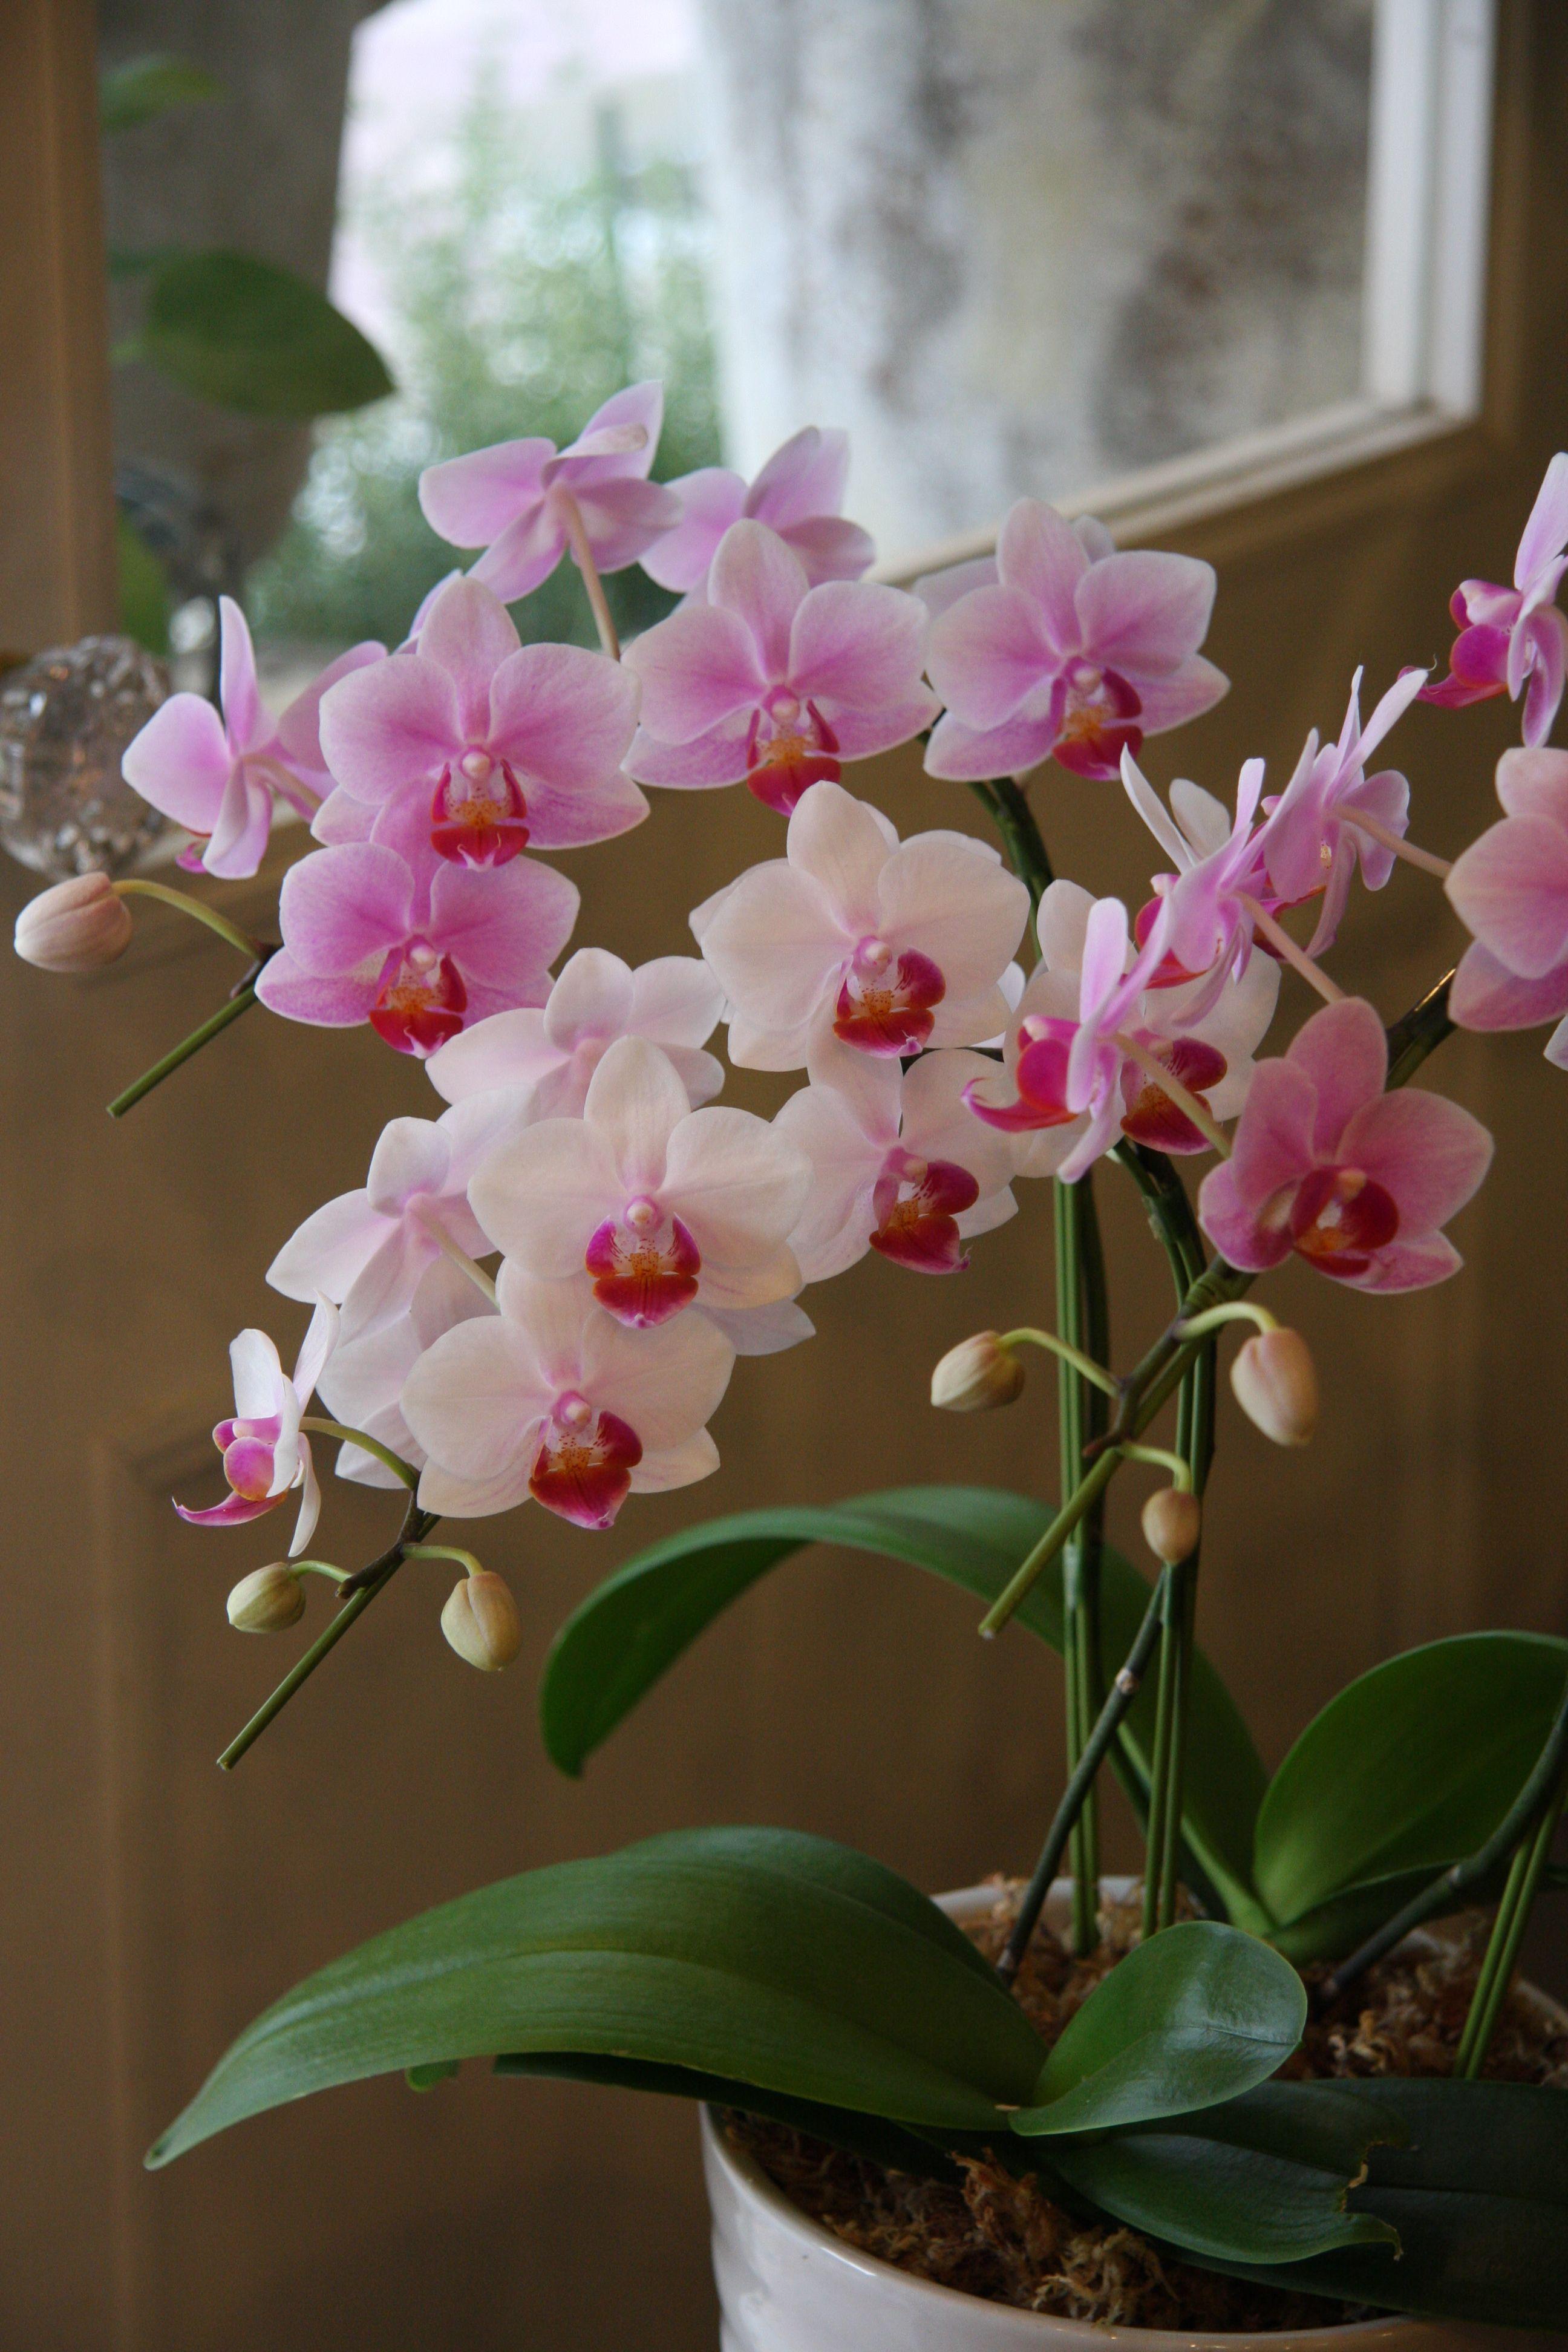 даже орхидея с мелкими цветами название часто встречающимся